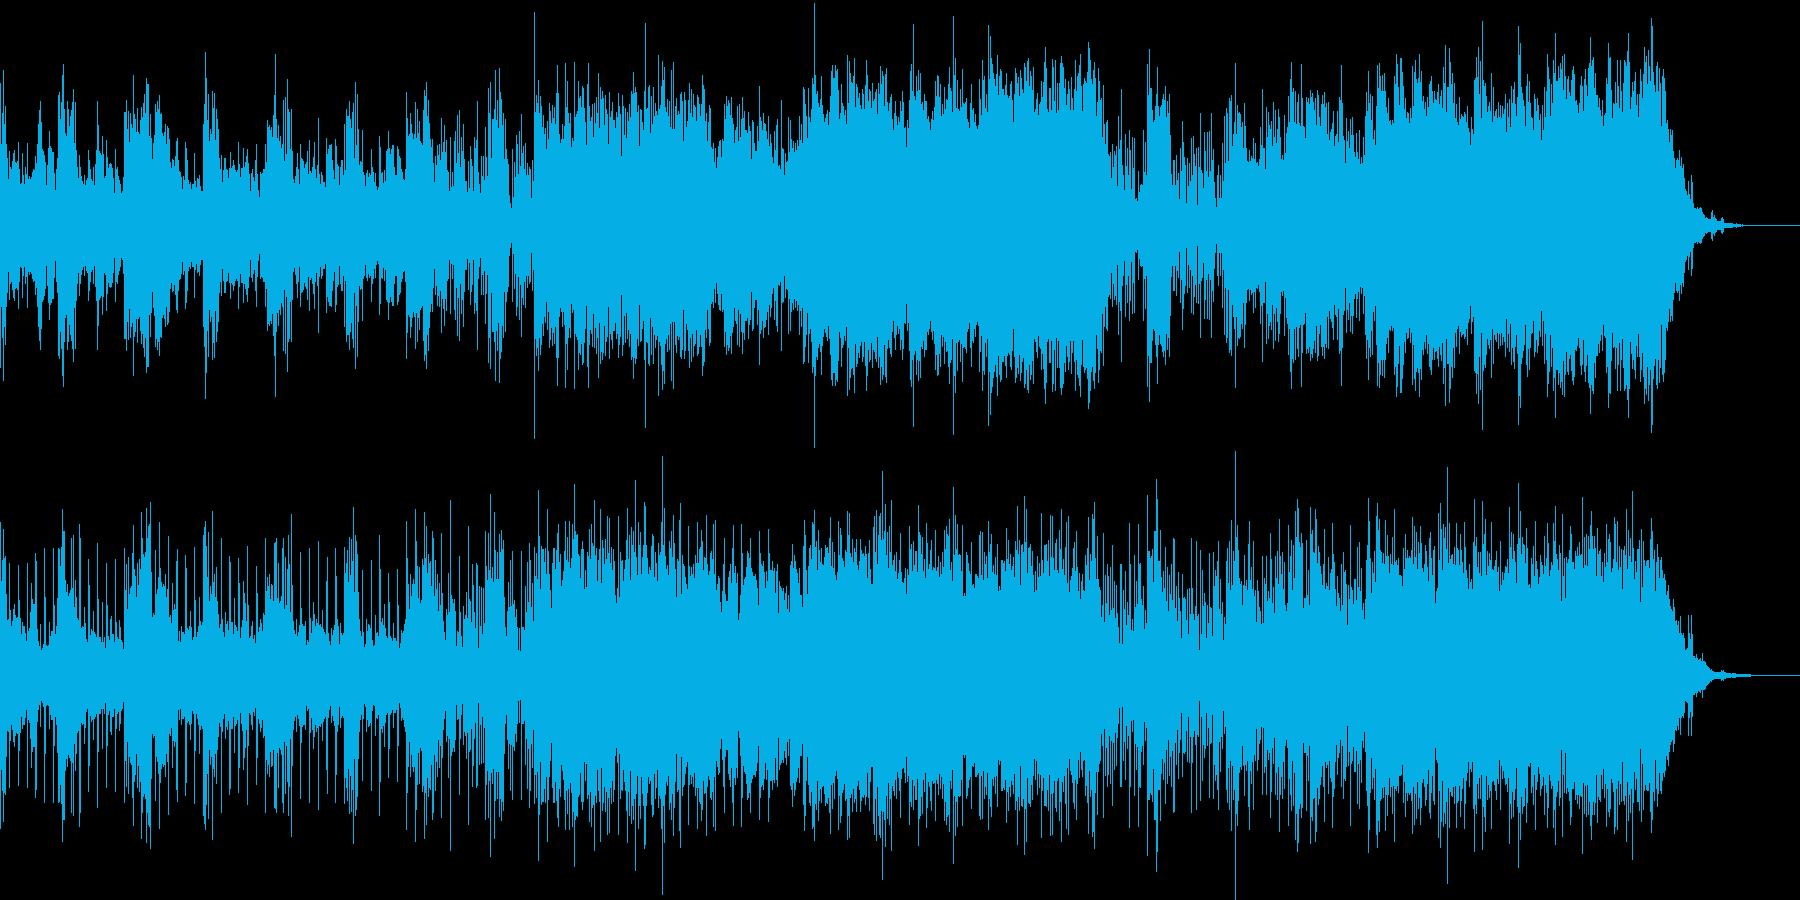 【ミステリー・サスペンス】映像制作向けの再生済みの波形